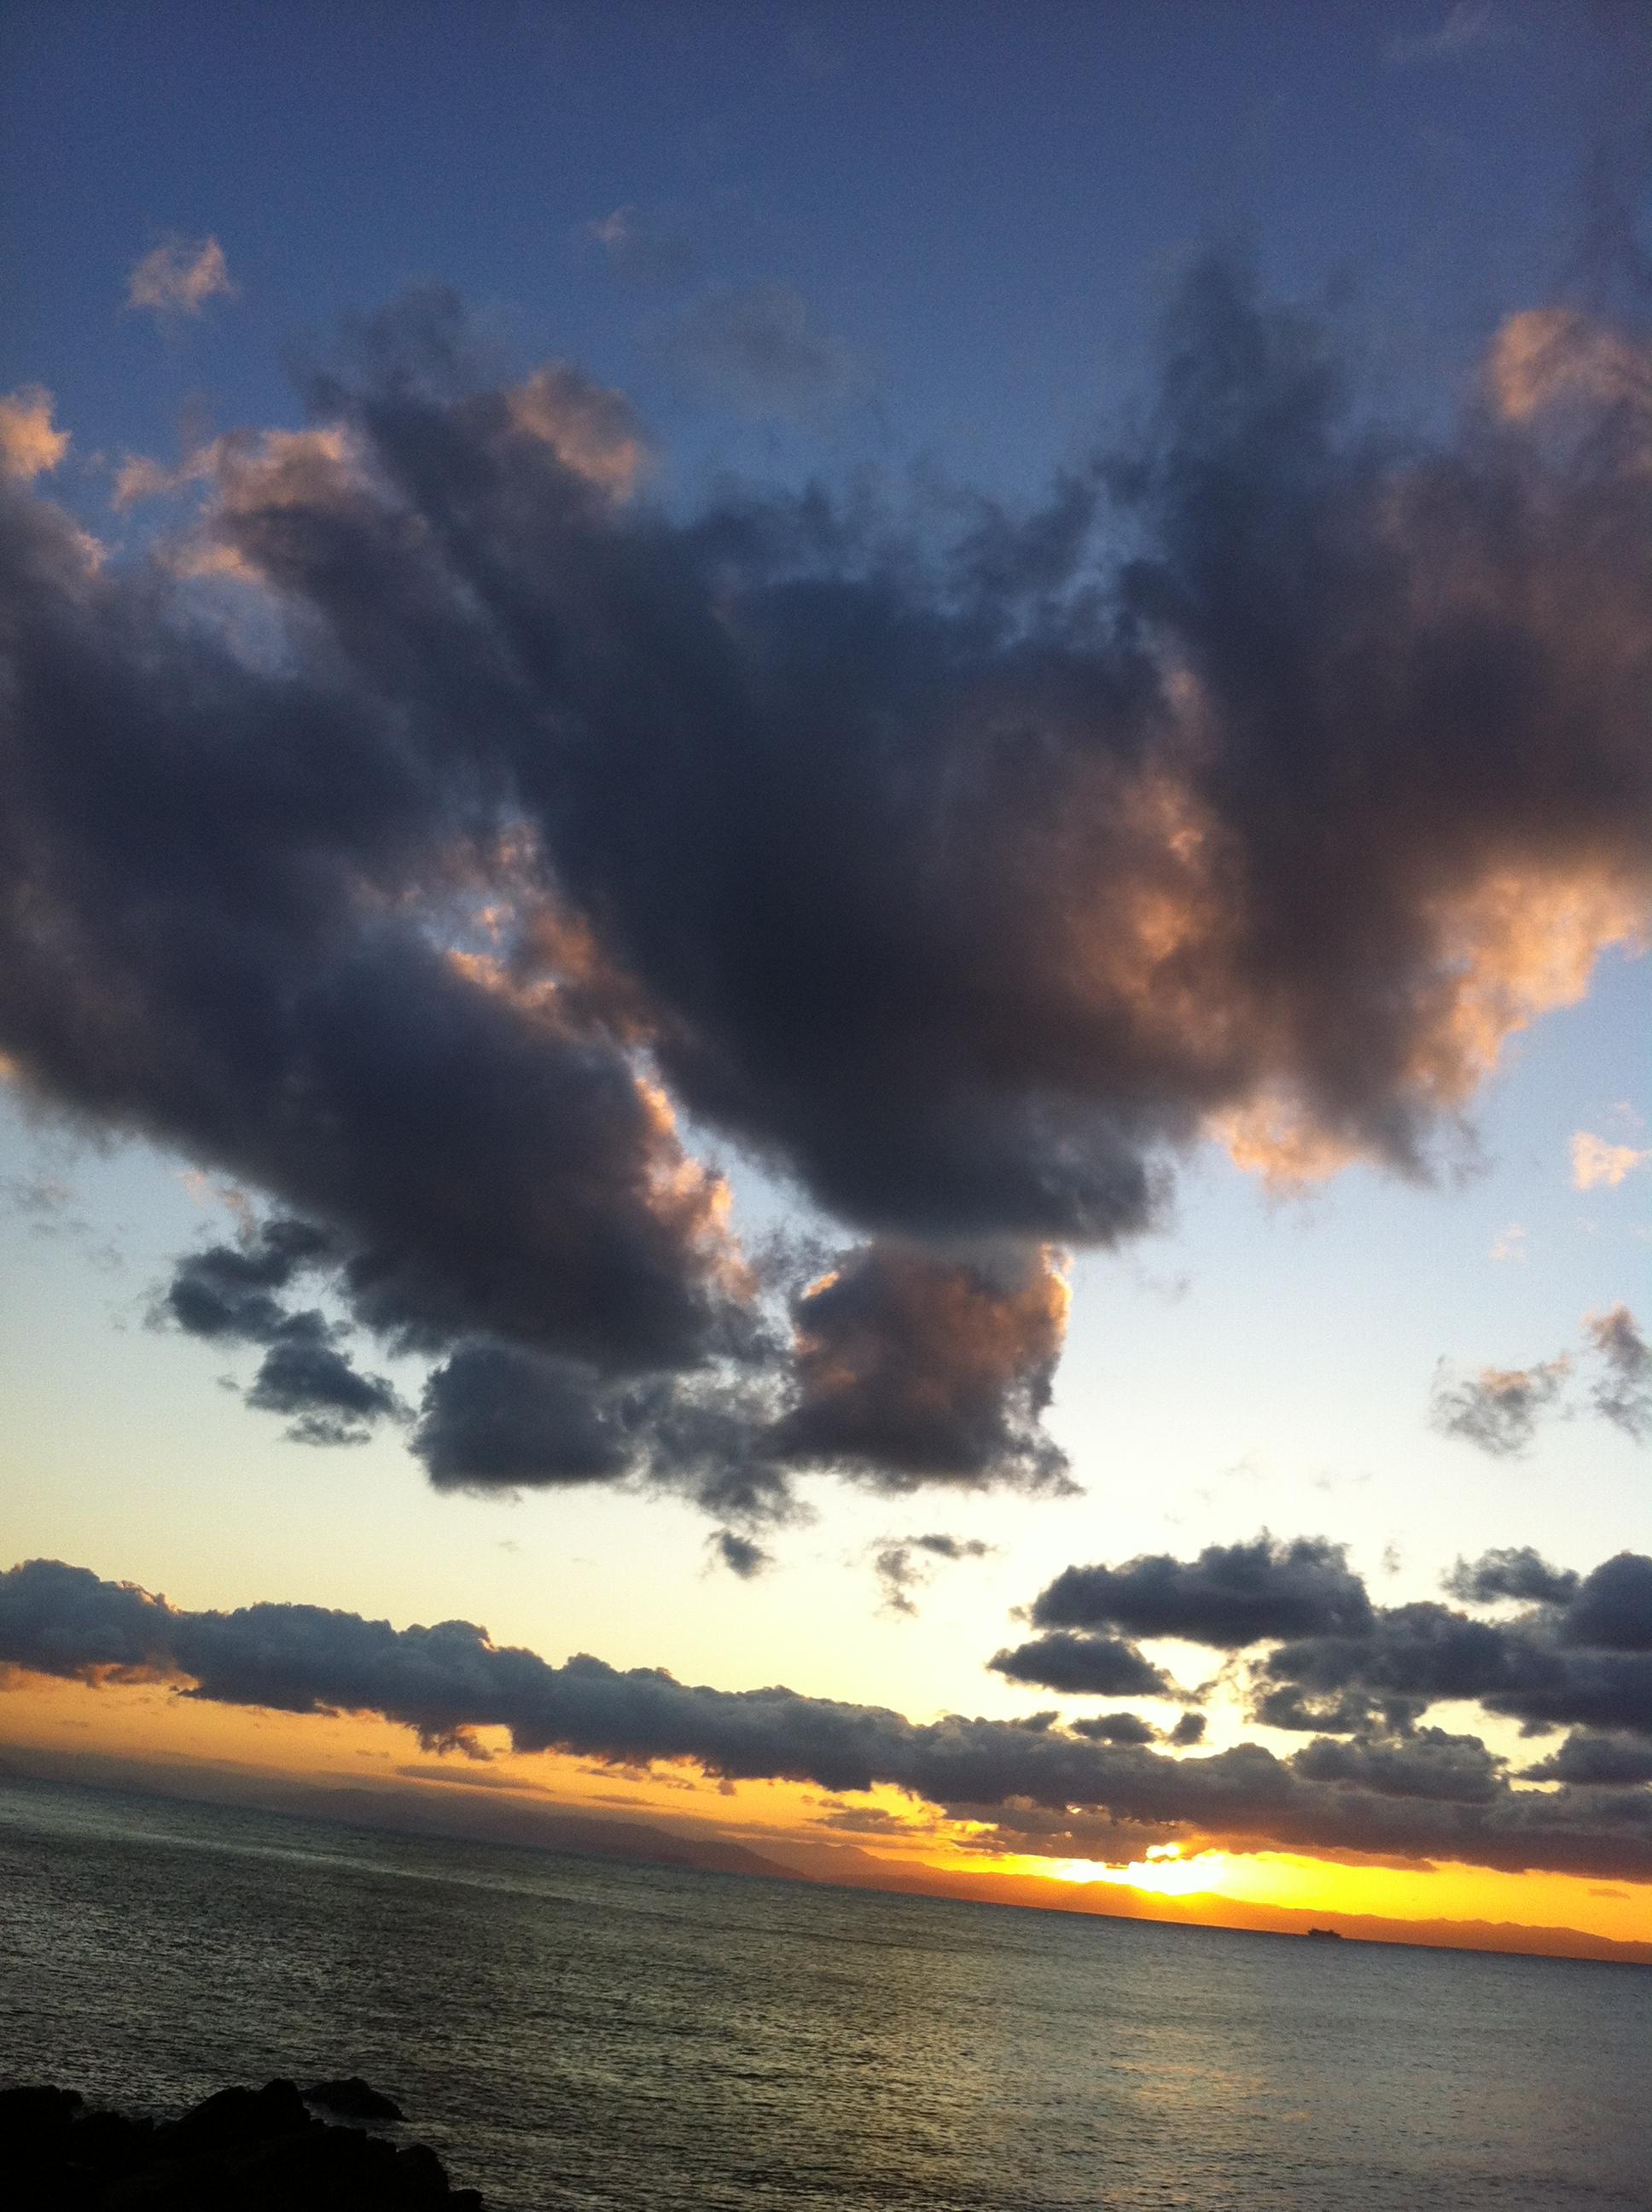 2011年11月22日 周りの雲が地球の陸地に 見えませんか?